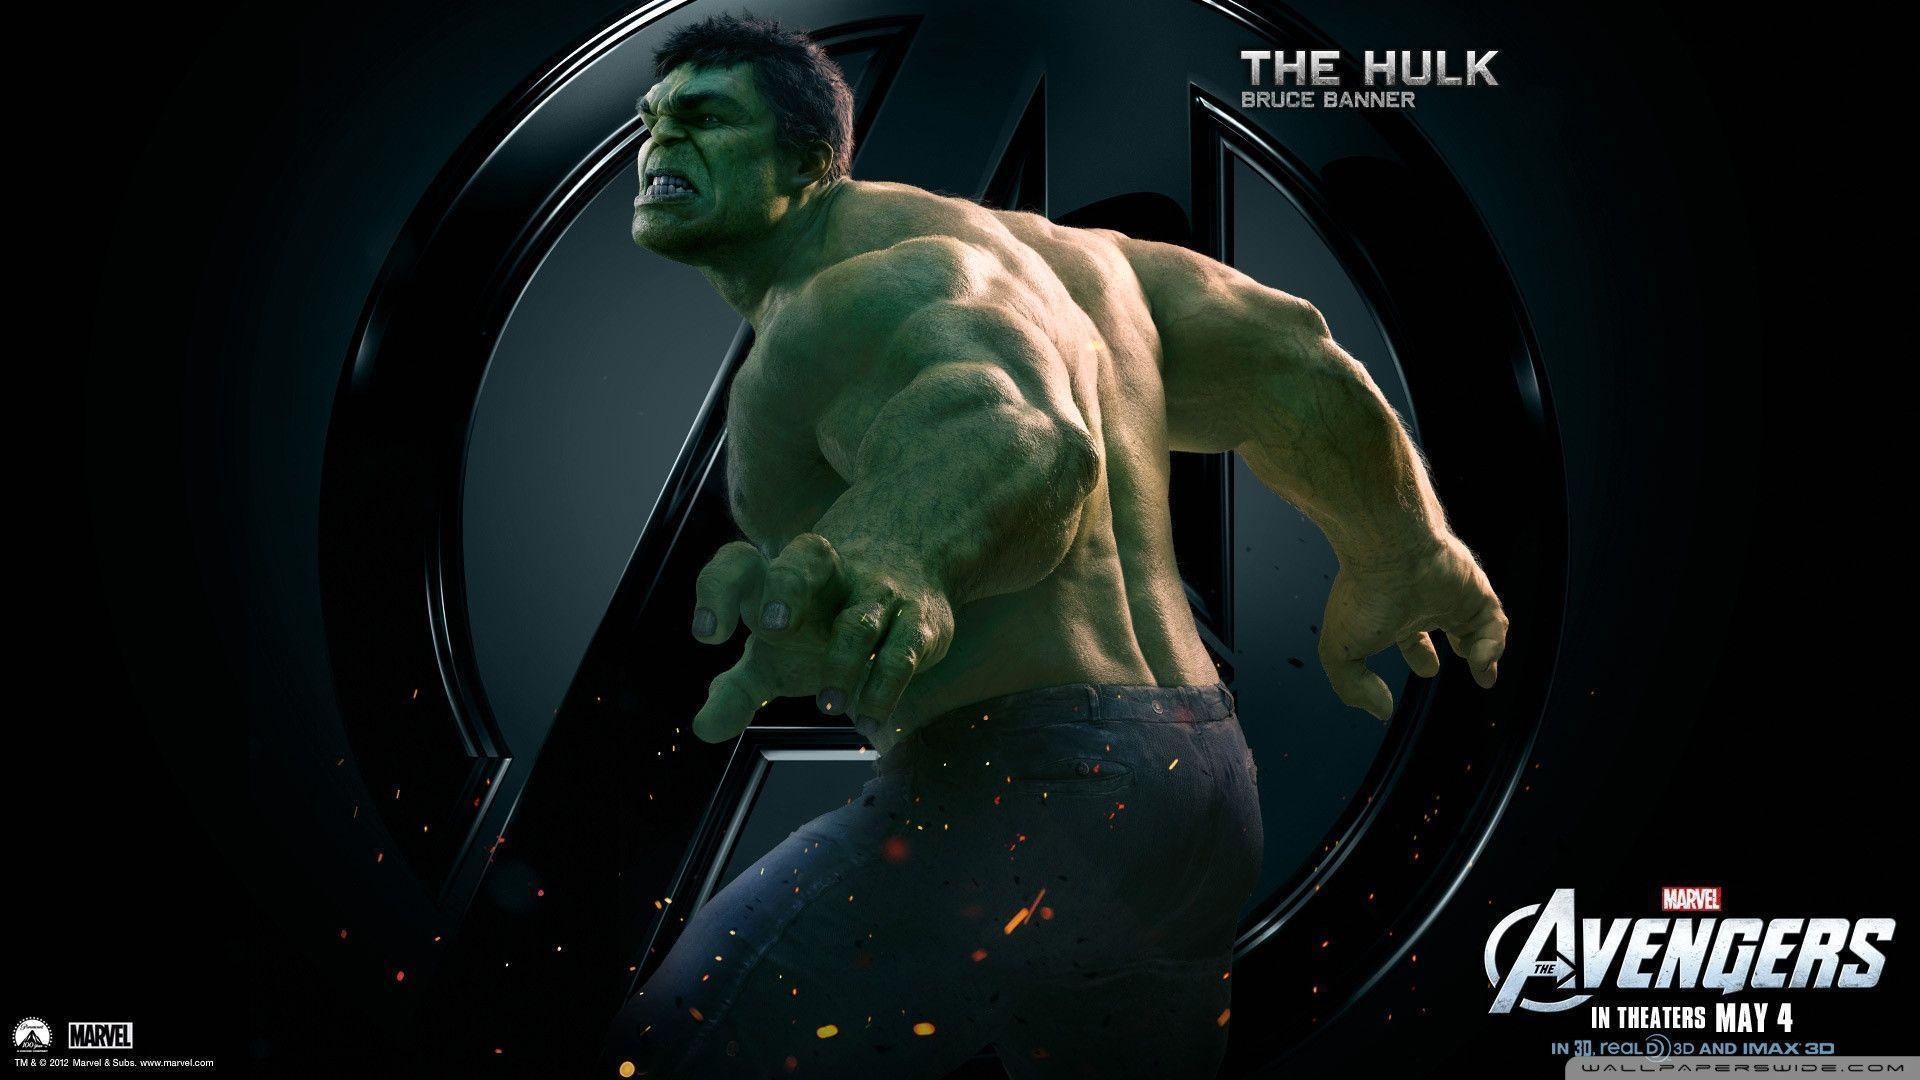 Marvel Avengers Wallpaper | The Avengers Wallpapers HD | Avengers ...